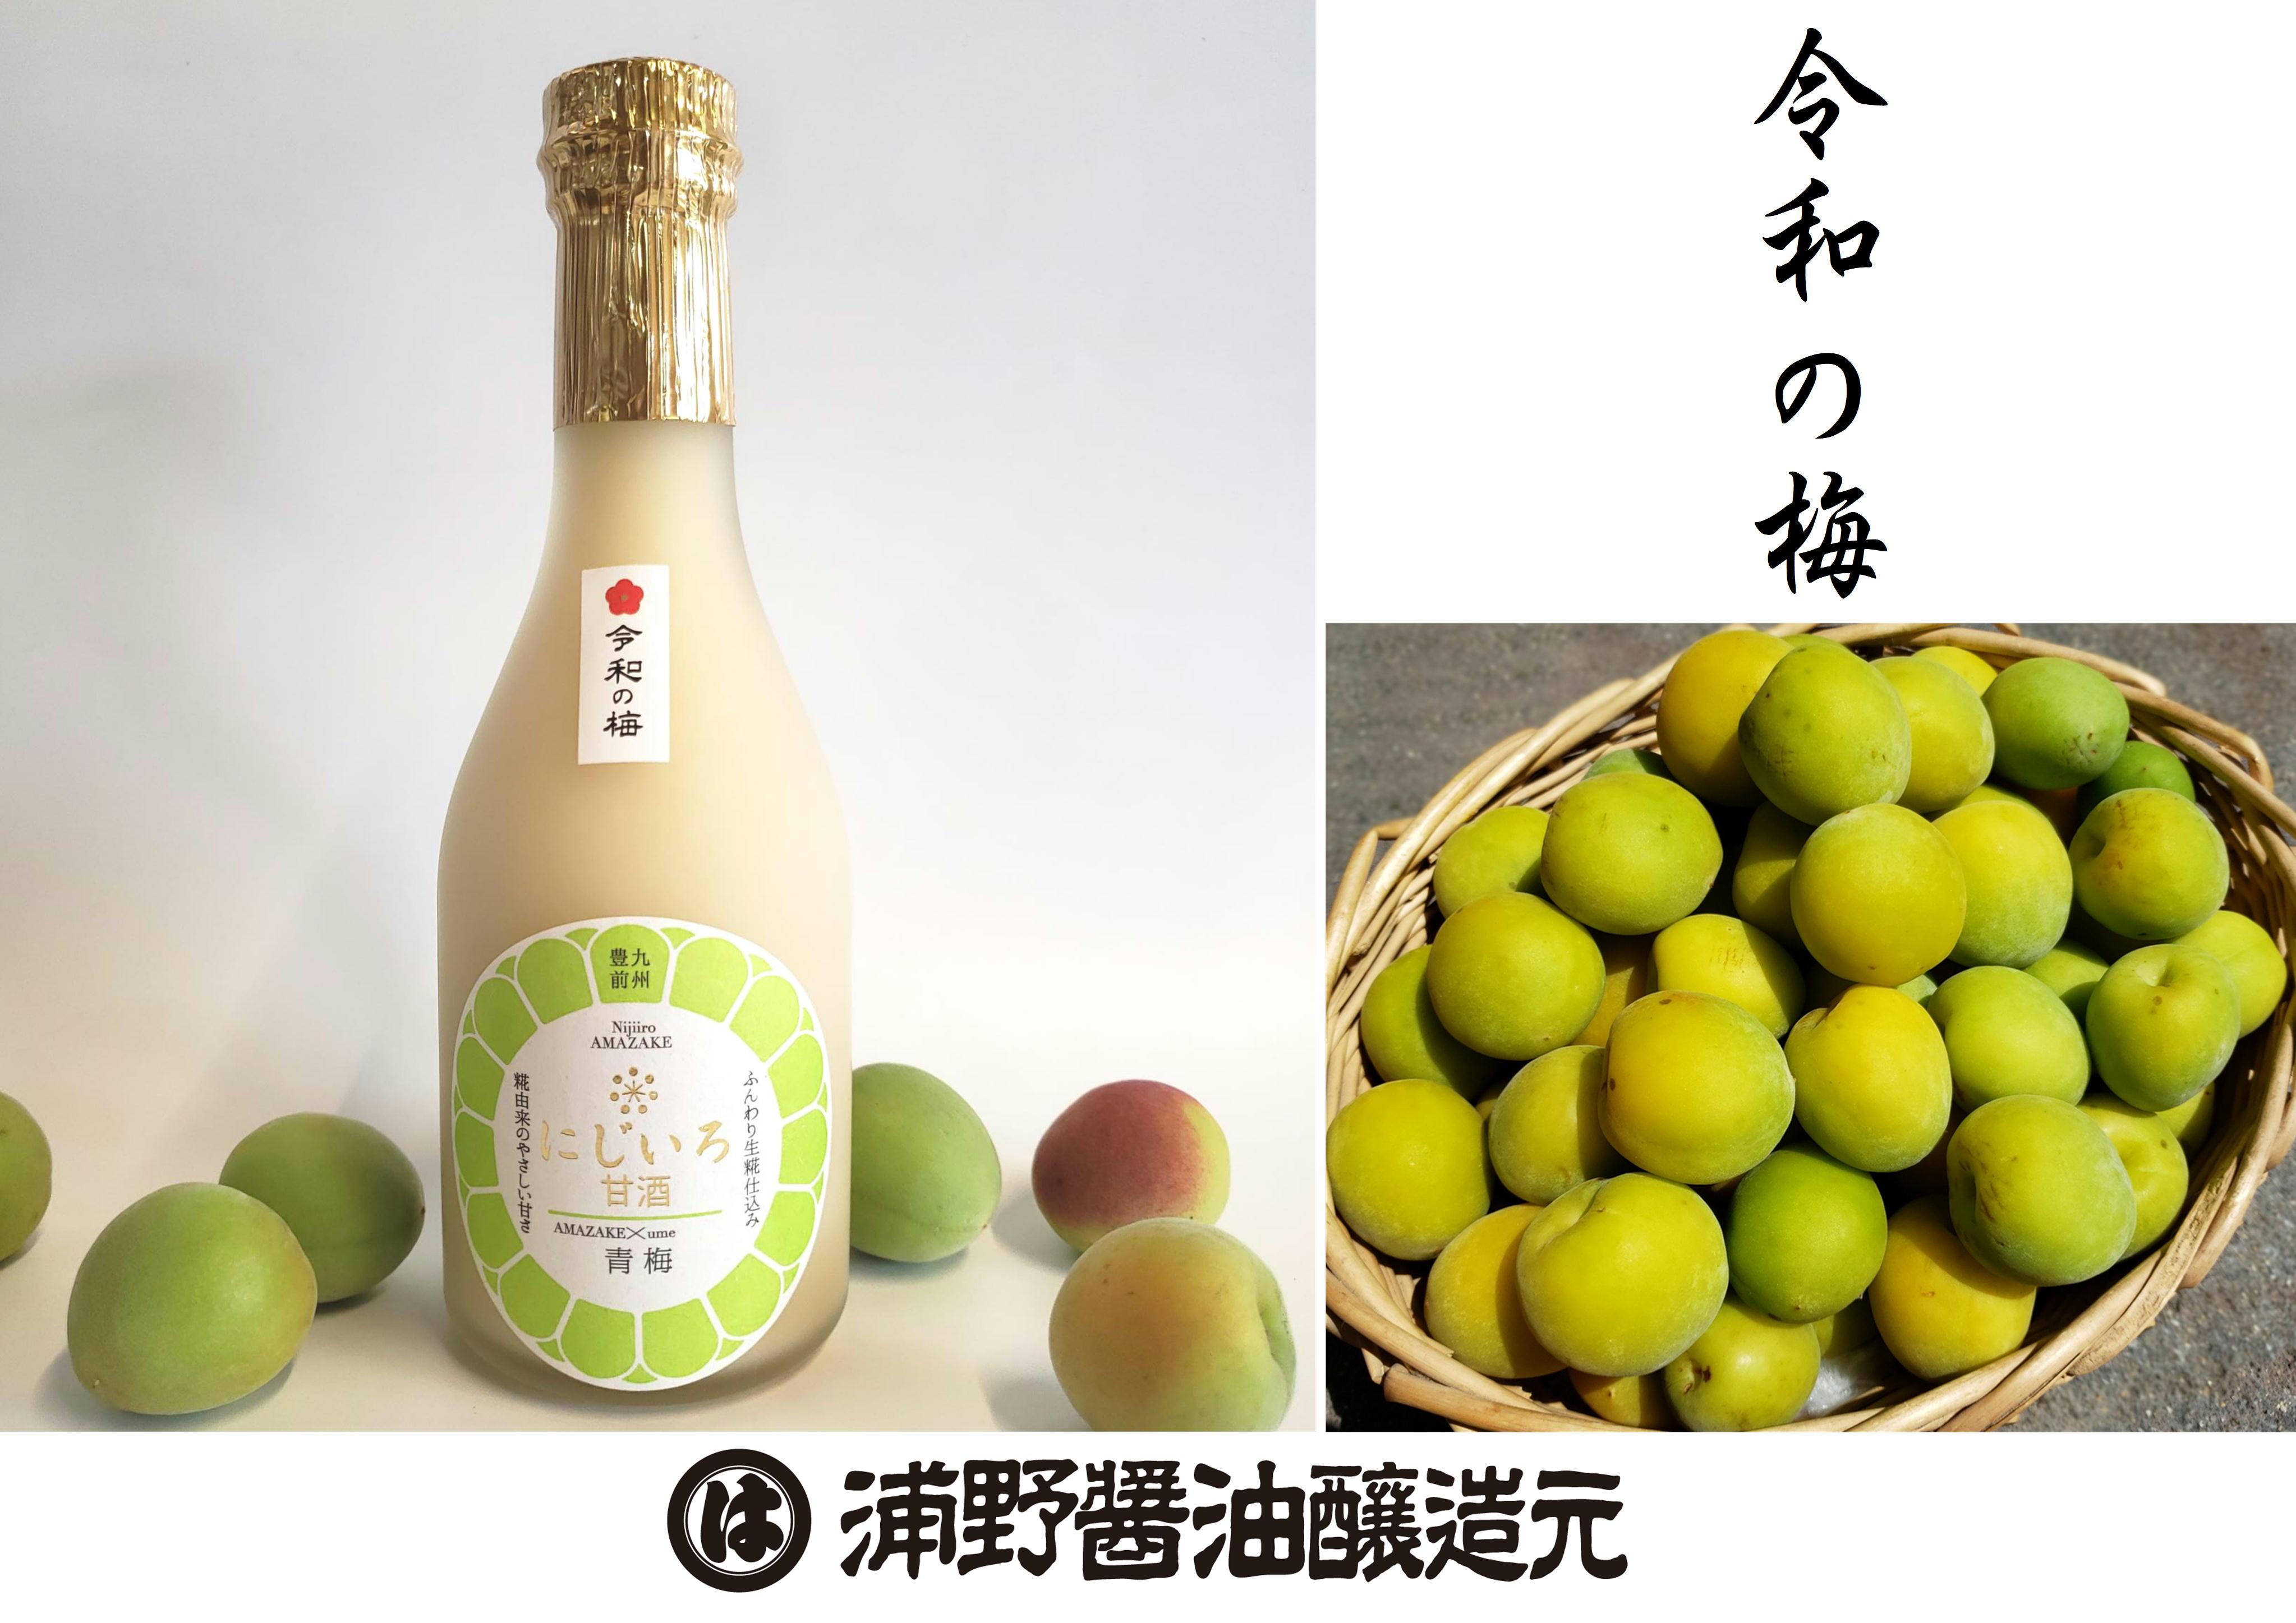 にじいろ甘酒 青梅~夏季限定~ (320g)